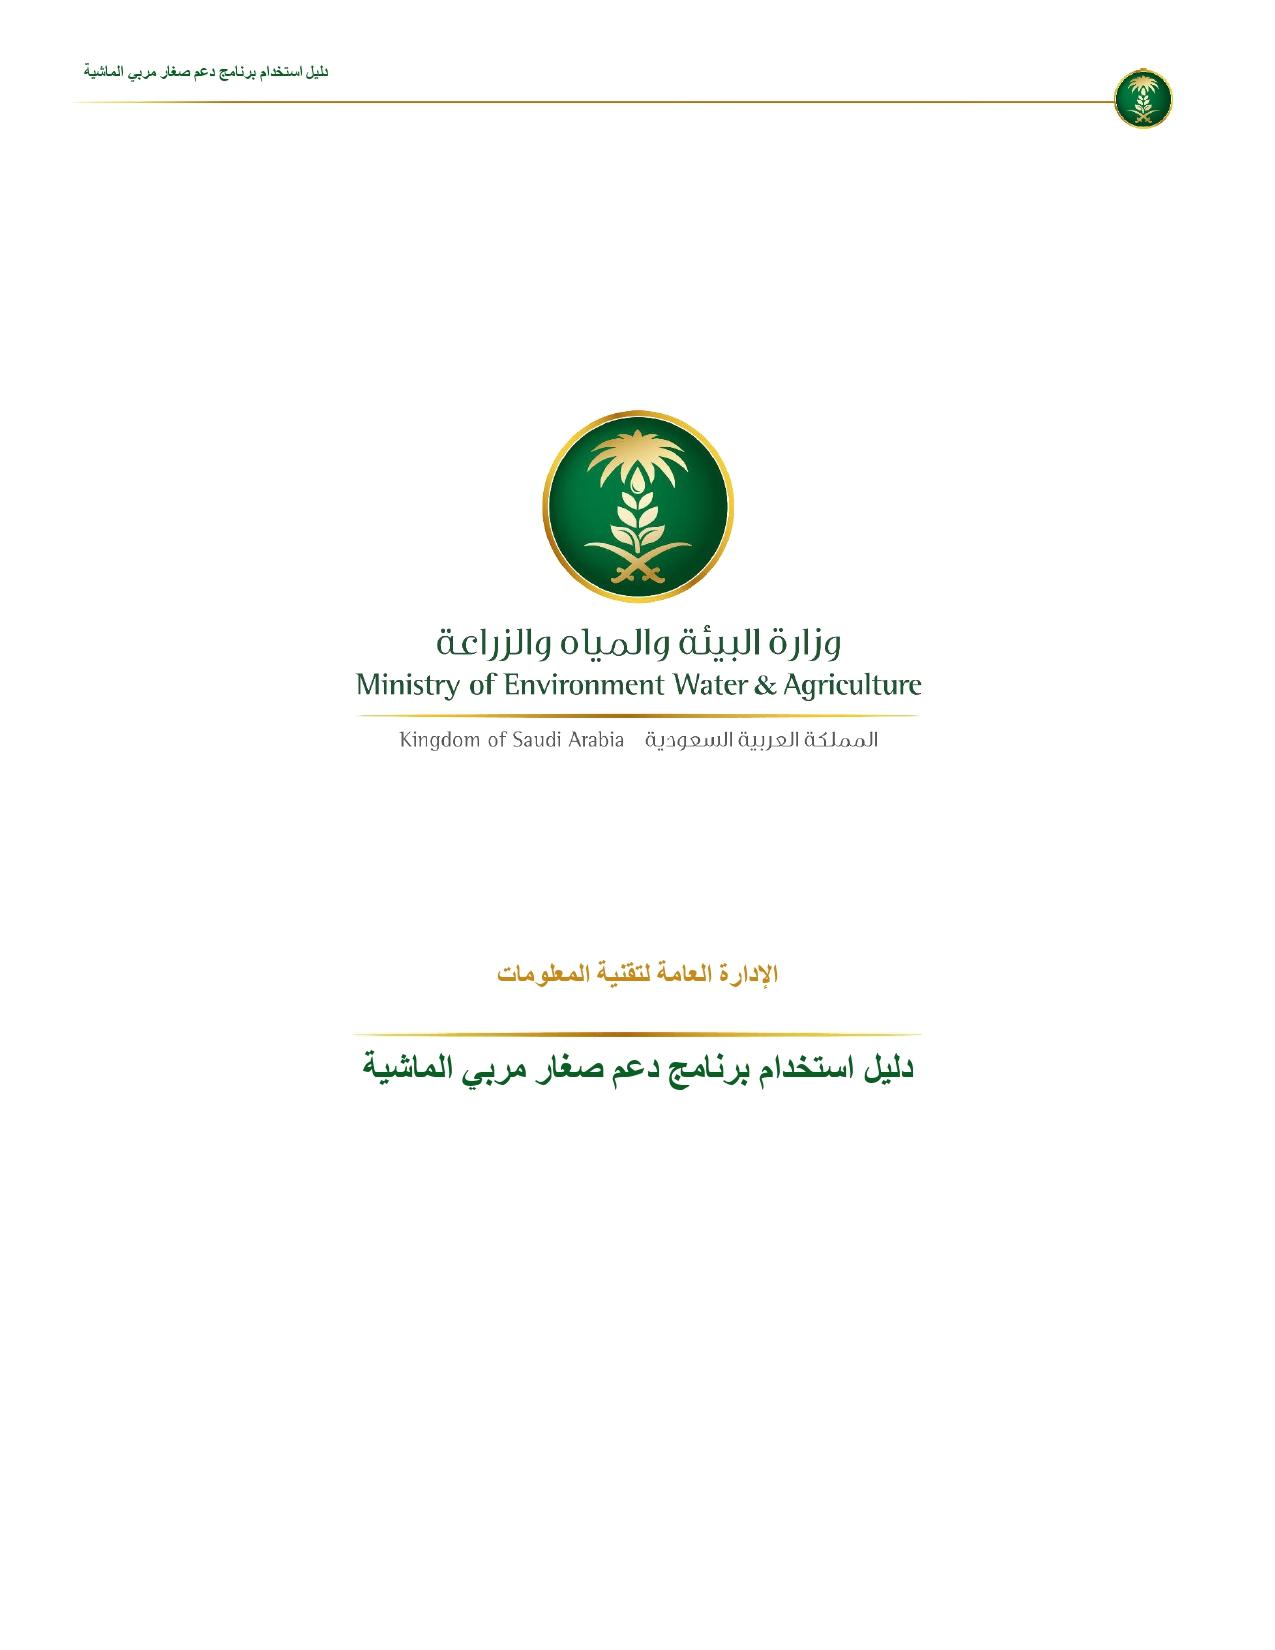 تسجيل دعم المواشي السعودية Mewa Gov Sa عبر وزارة البيئة والمياه الزراعية